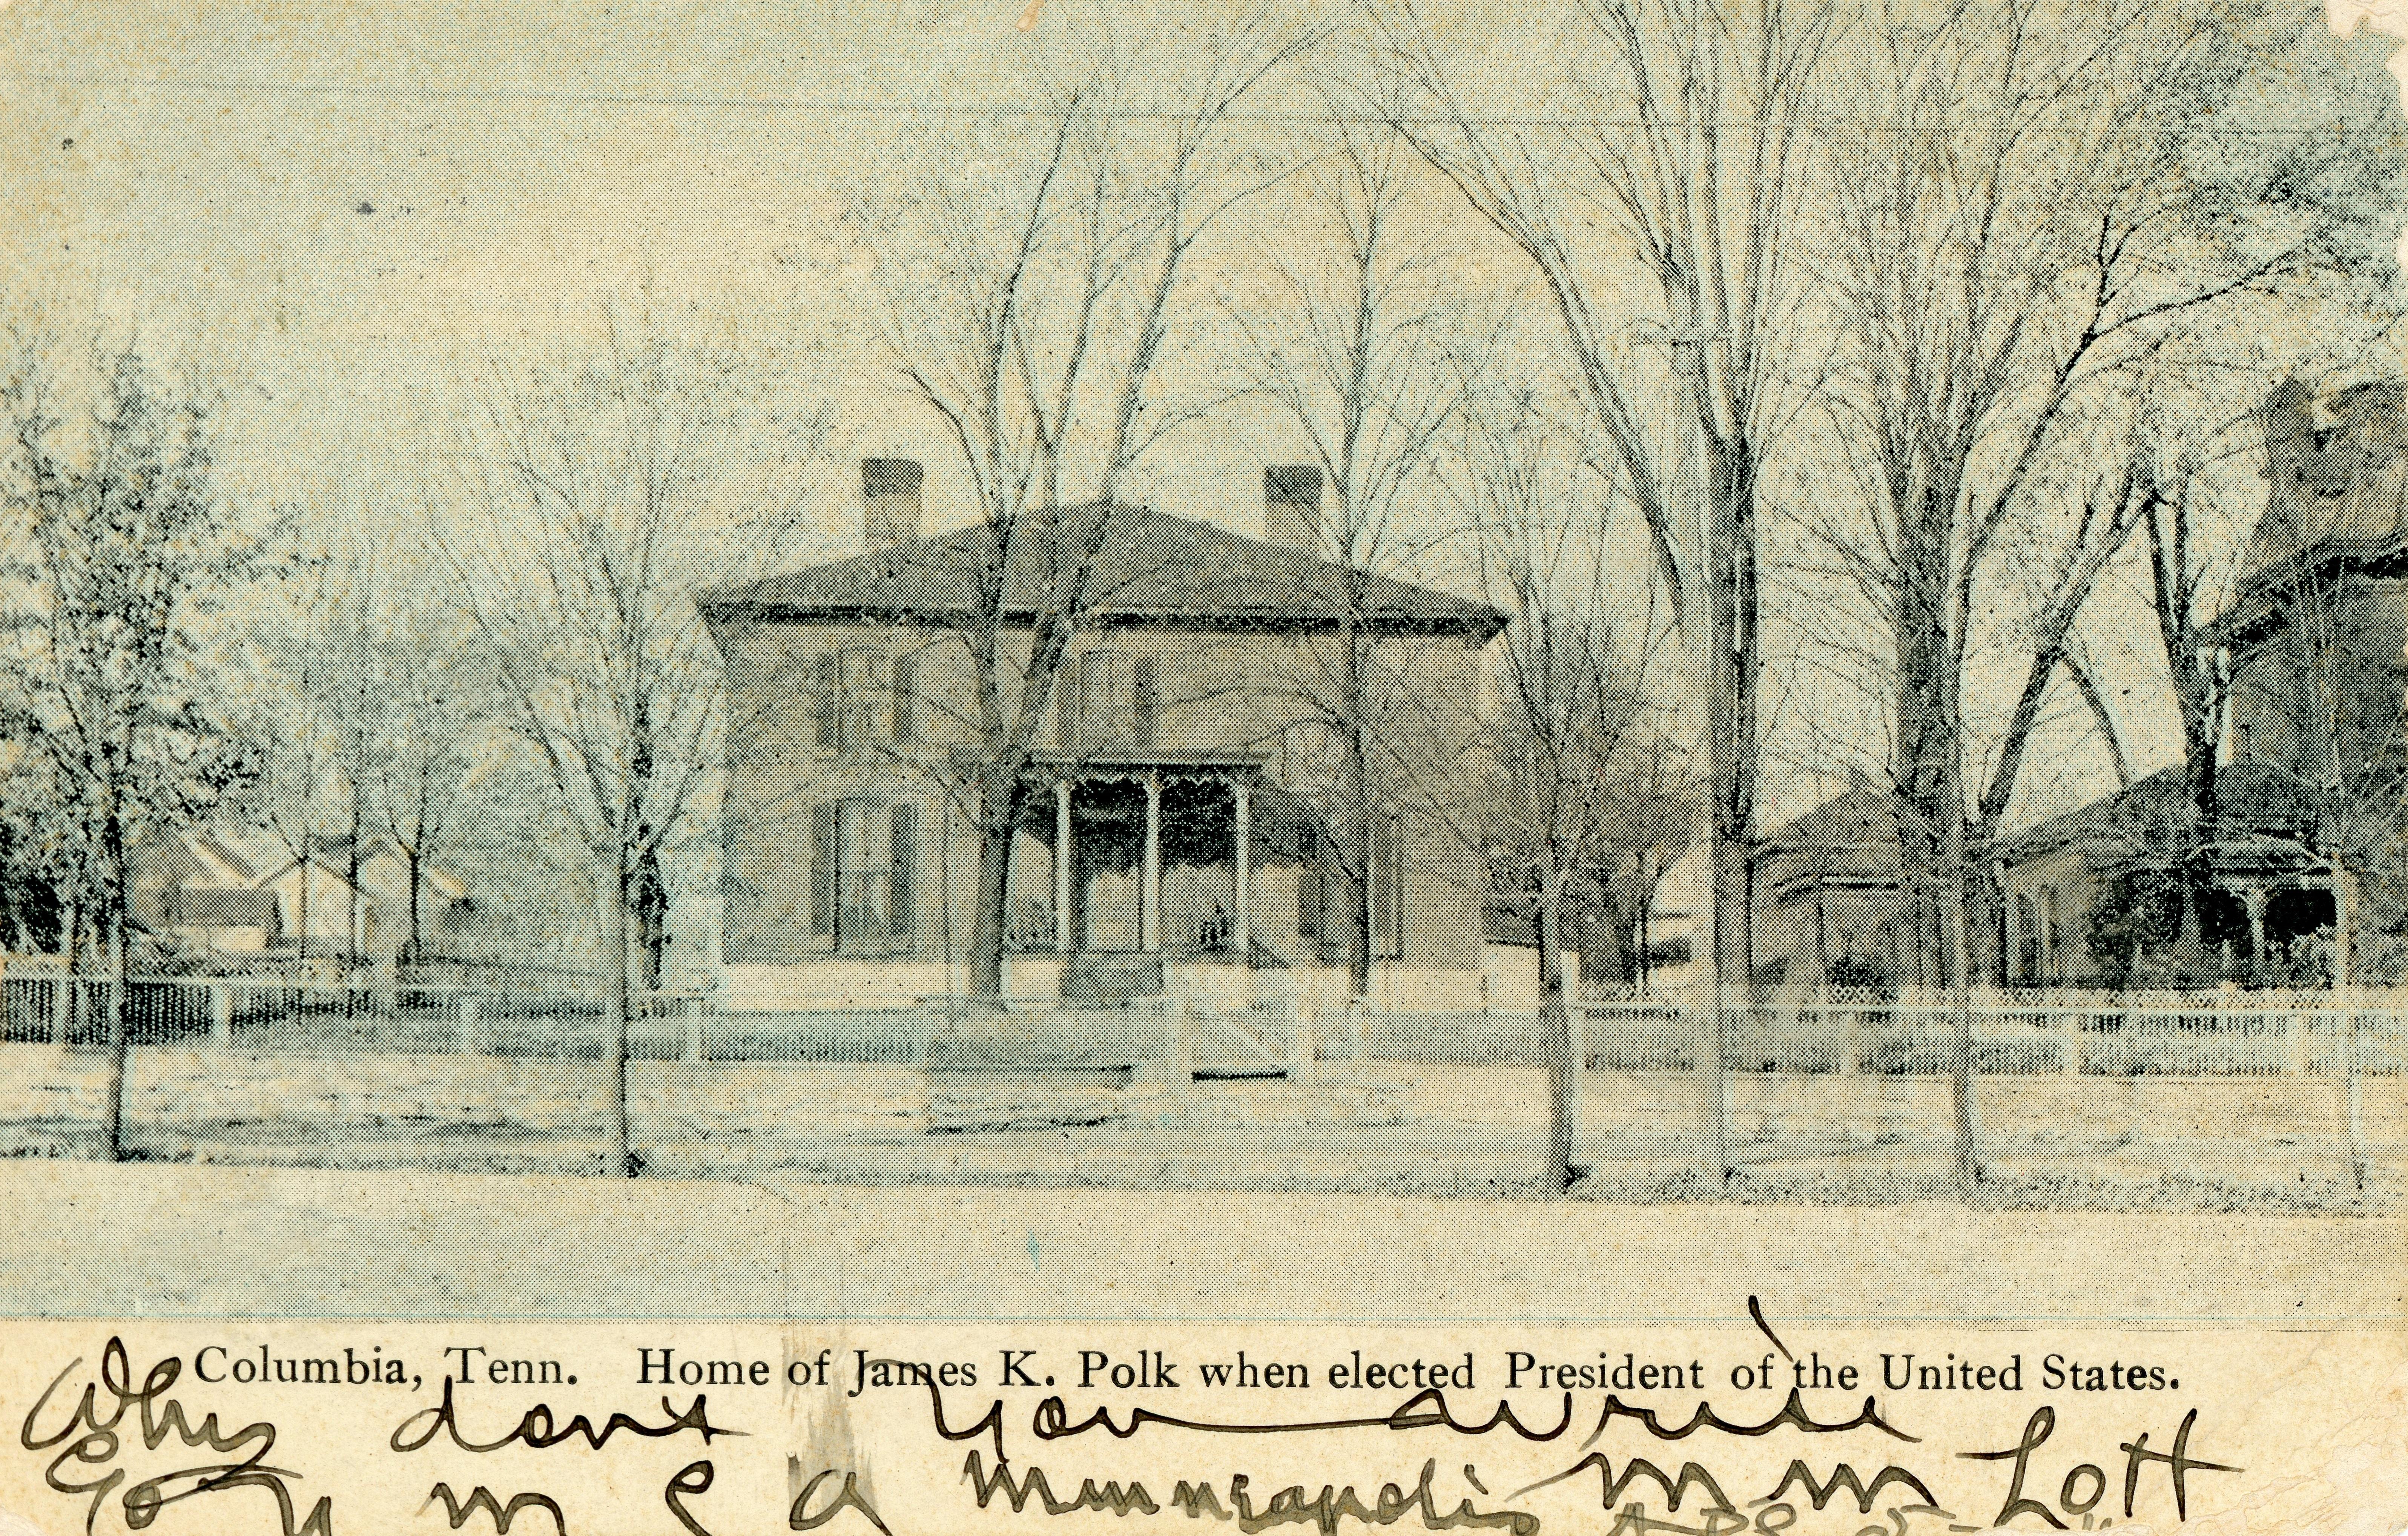 img001 (marked 1911)